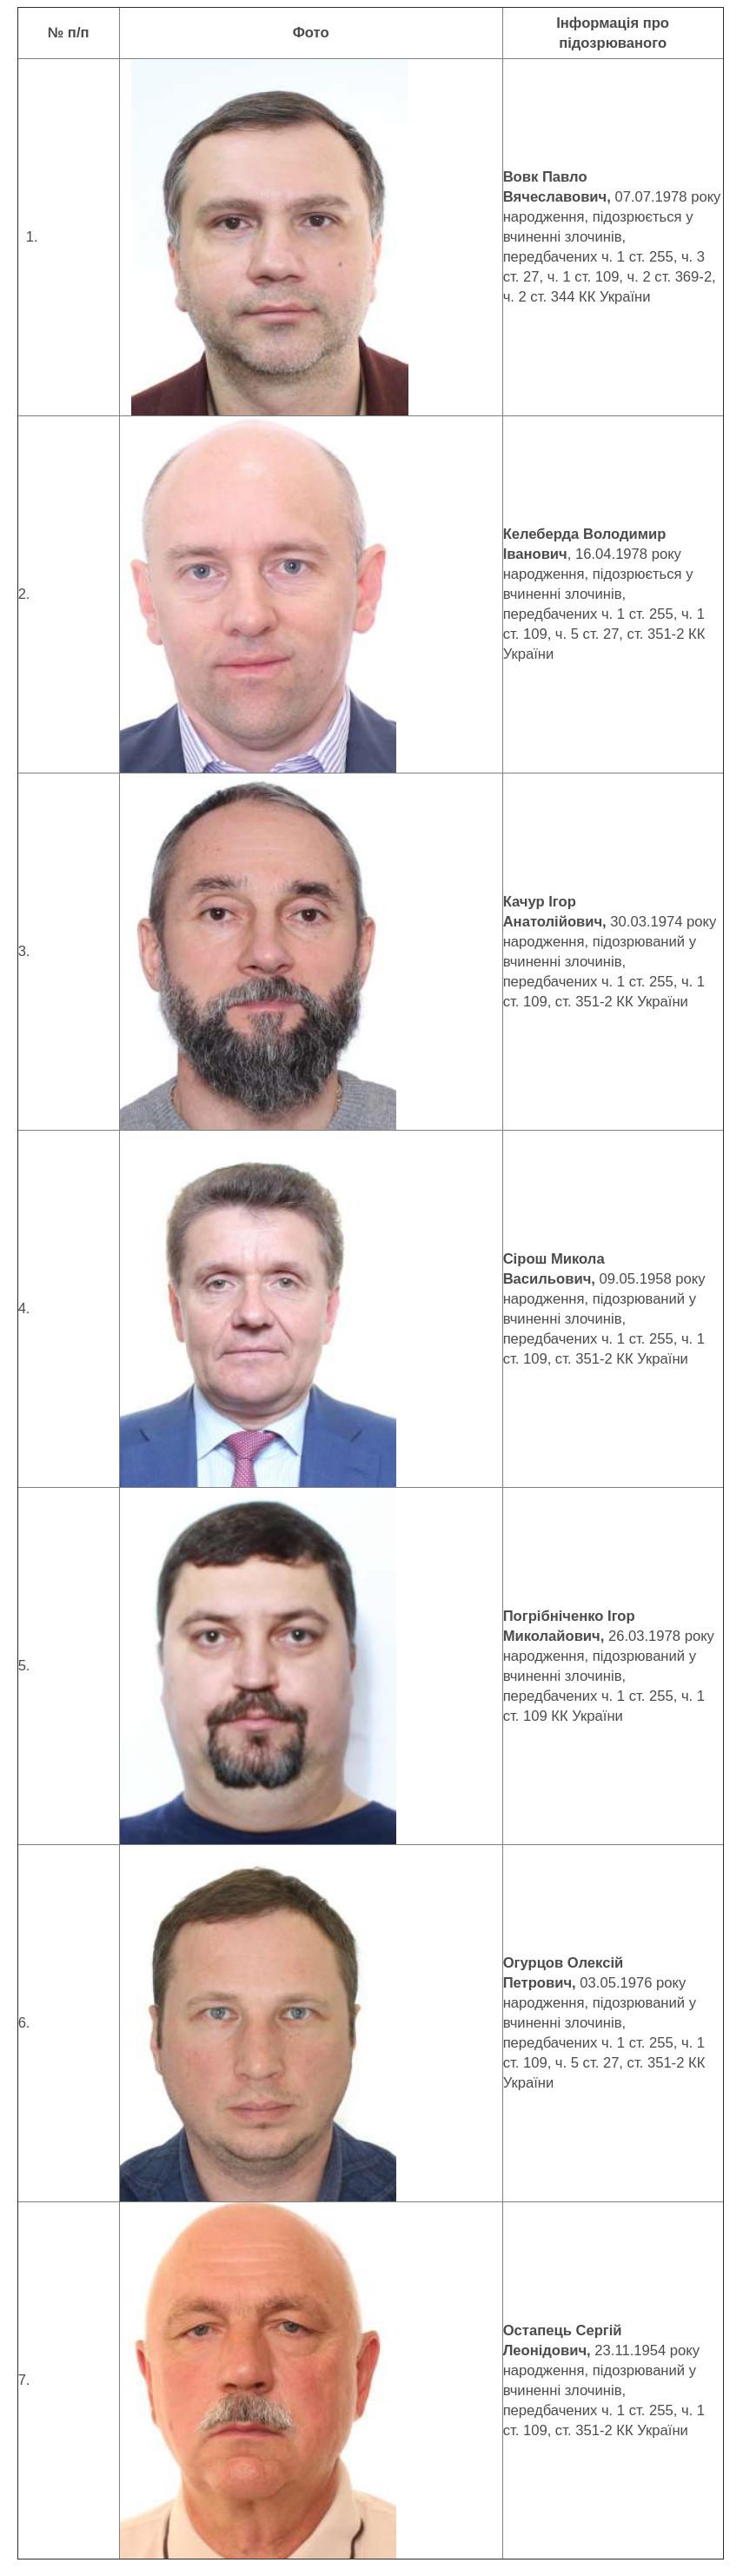 Разыскиваемые НАБУ судьи Окружного административного суда Киева